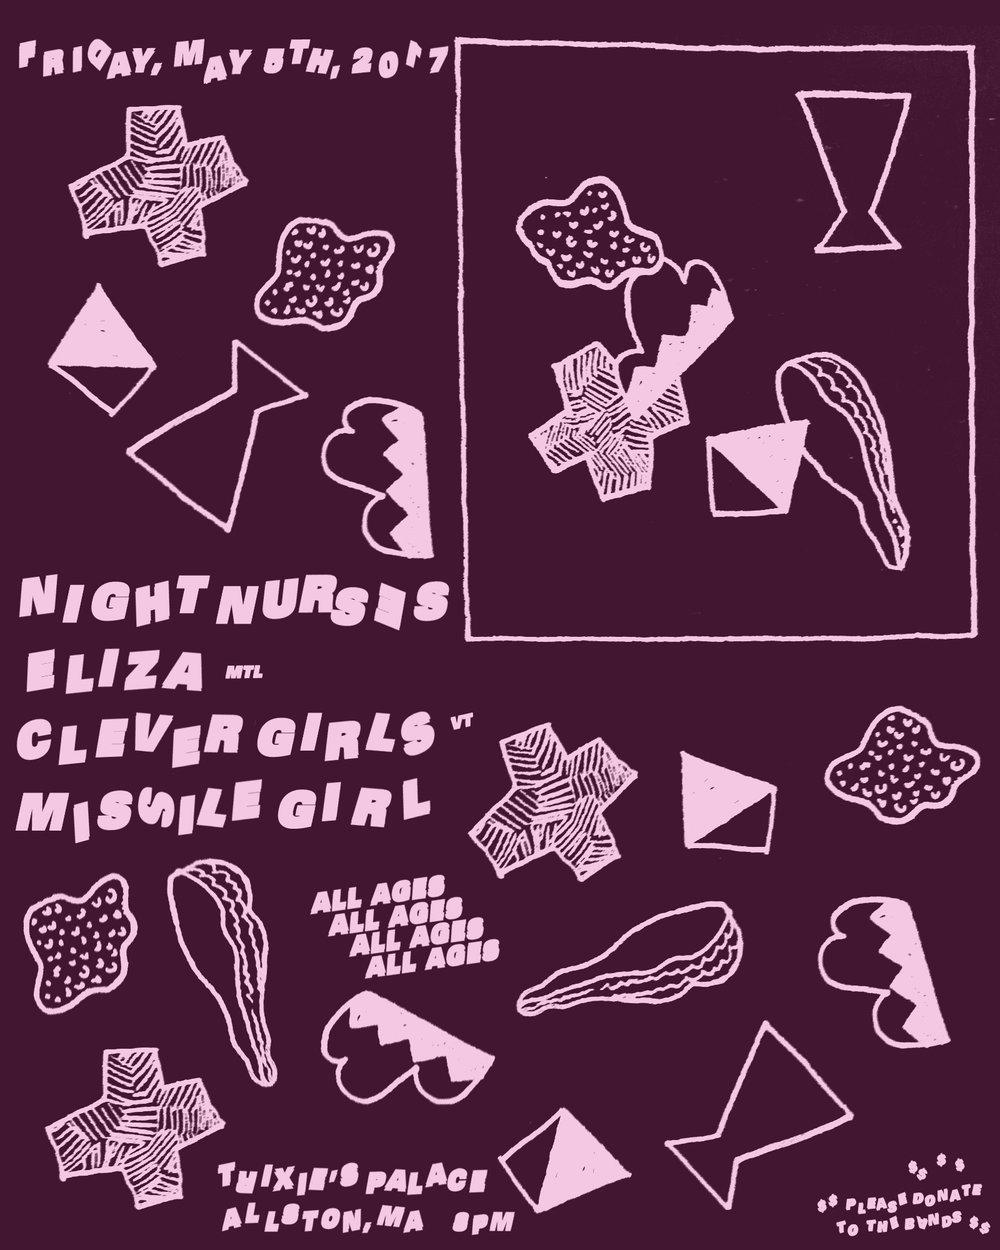 Flyer-NightNurses55-Purplish copy.jpg